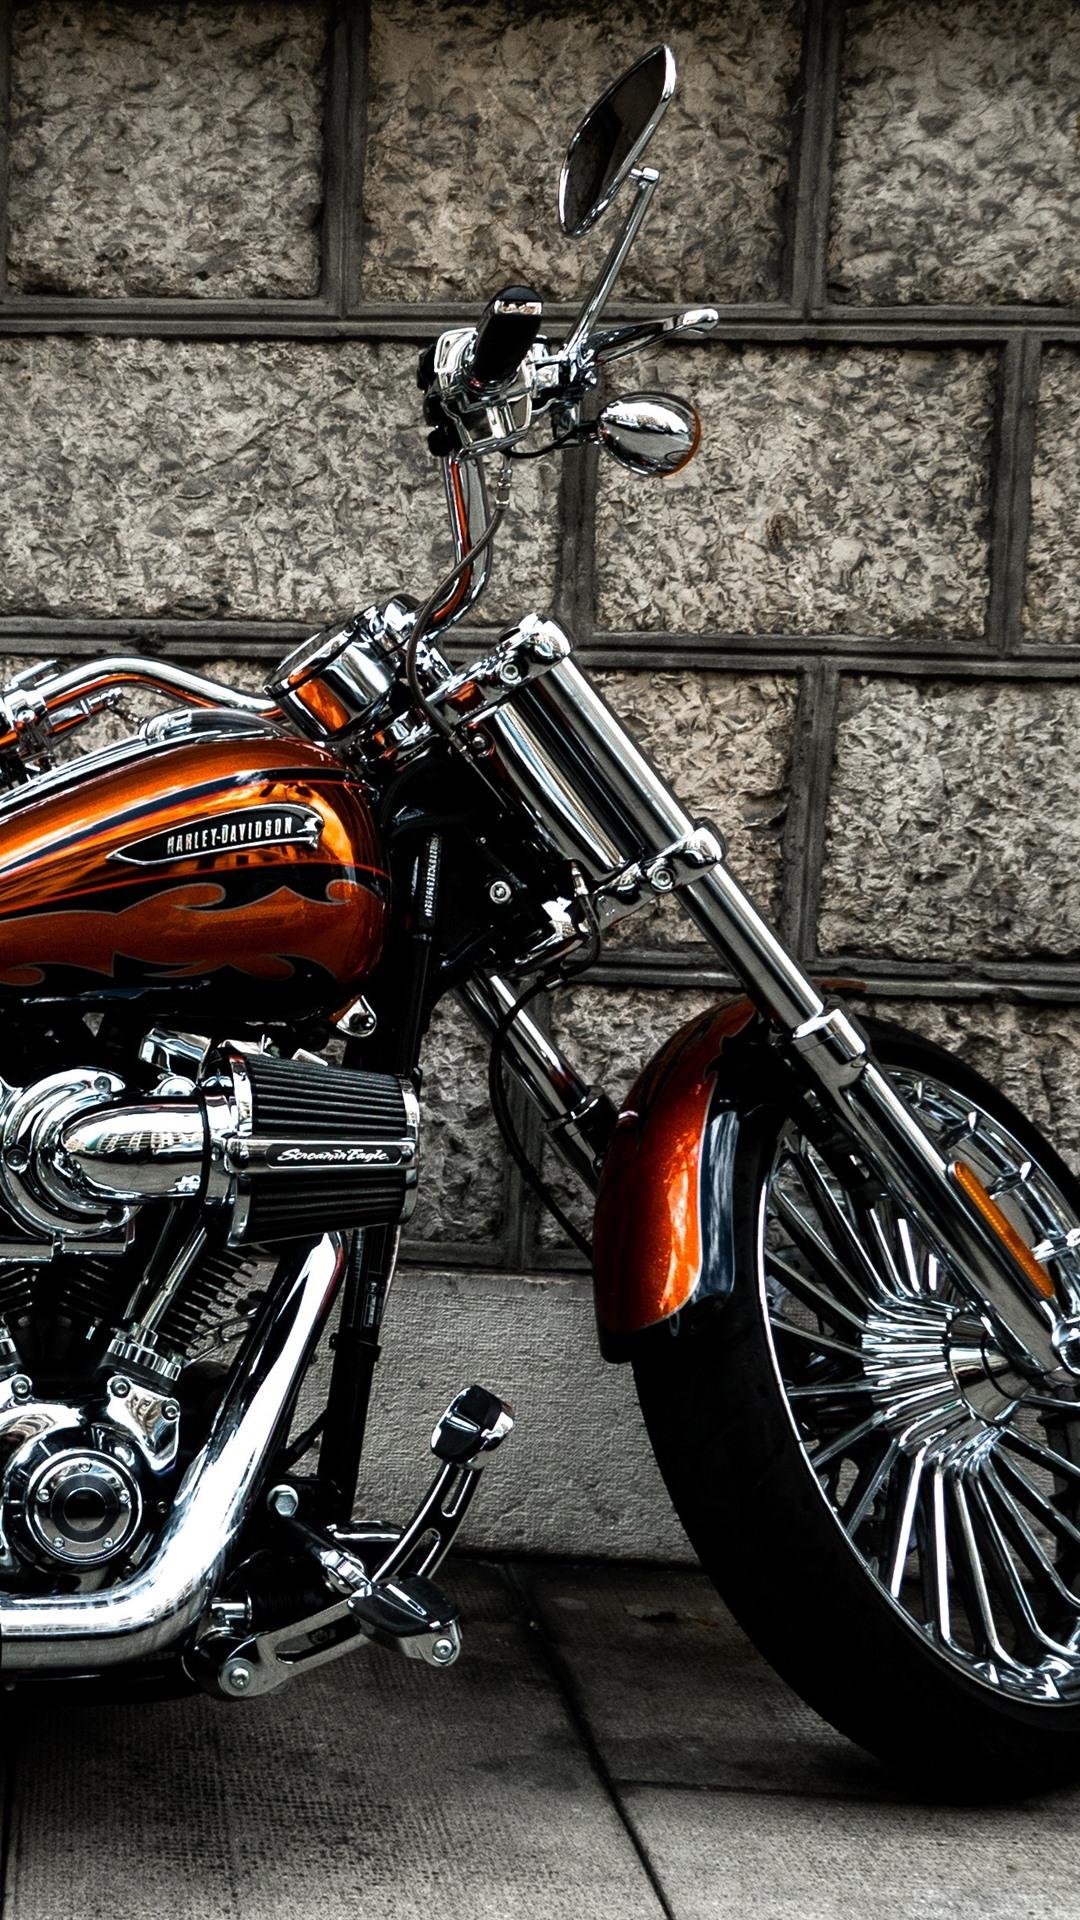 壁紙 ハーレーダビッドソンオートバイ 側面図 3840x2160 Uhd 4k 無料のデスクトップの背景 画像